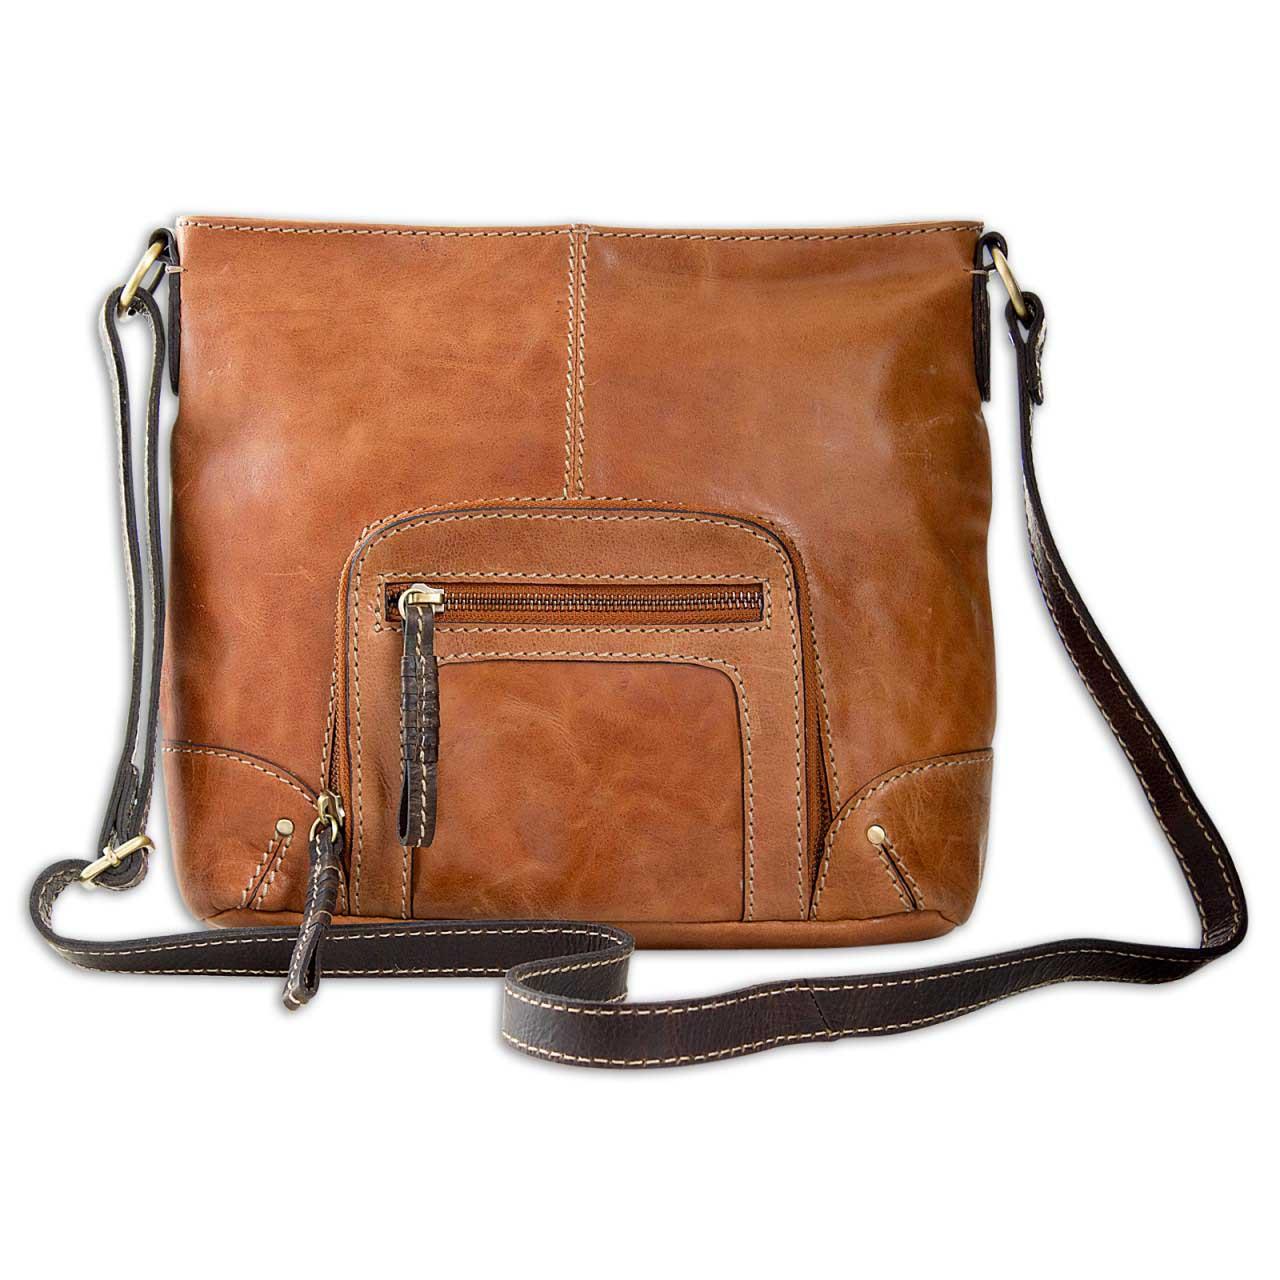 STILORD kleine Vintage Damen Umhängetasche aus Leder Handtasche Schultertasche mit Schulterriemen Büffelleder braun - Bild 1